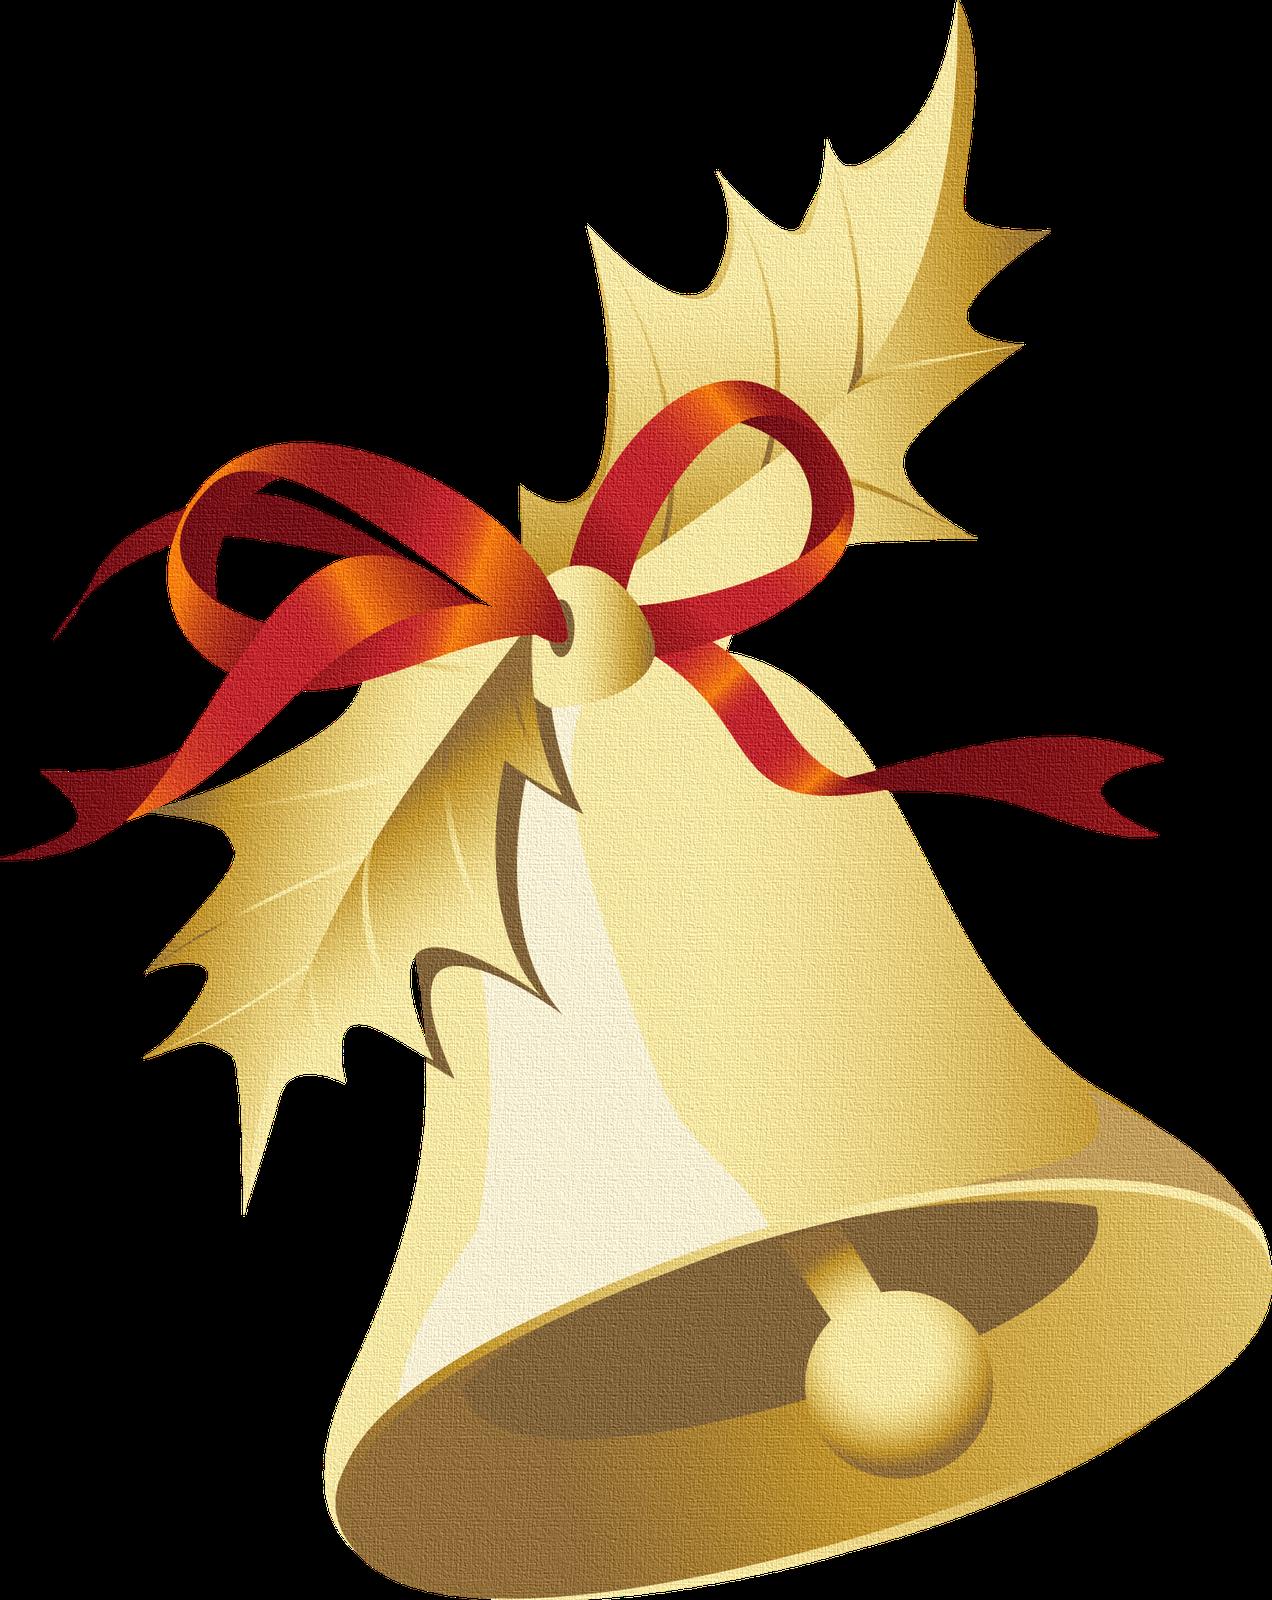 Im genes y gifs de navidad adornos luces y campanas de - Adornos para navidad ...